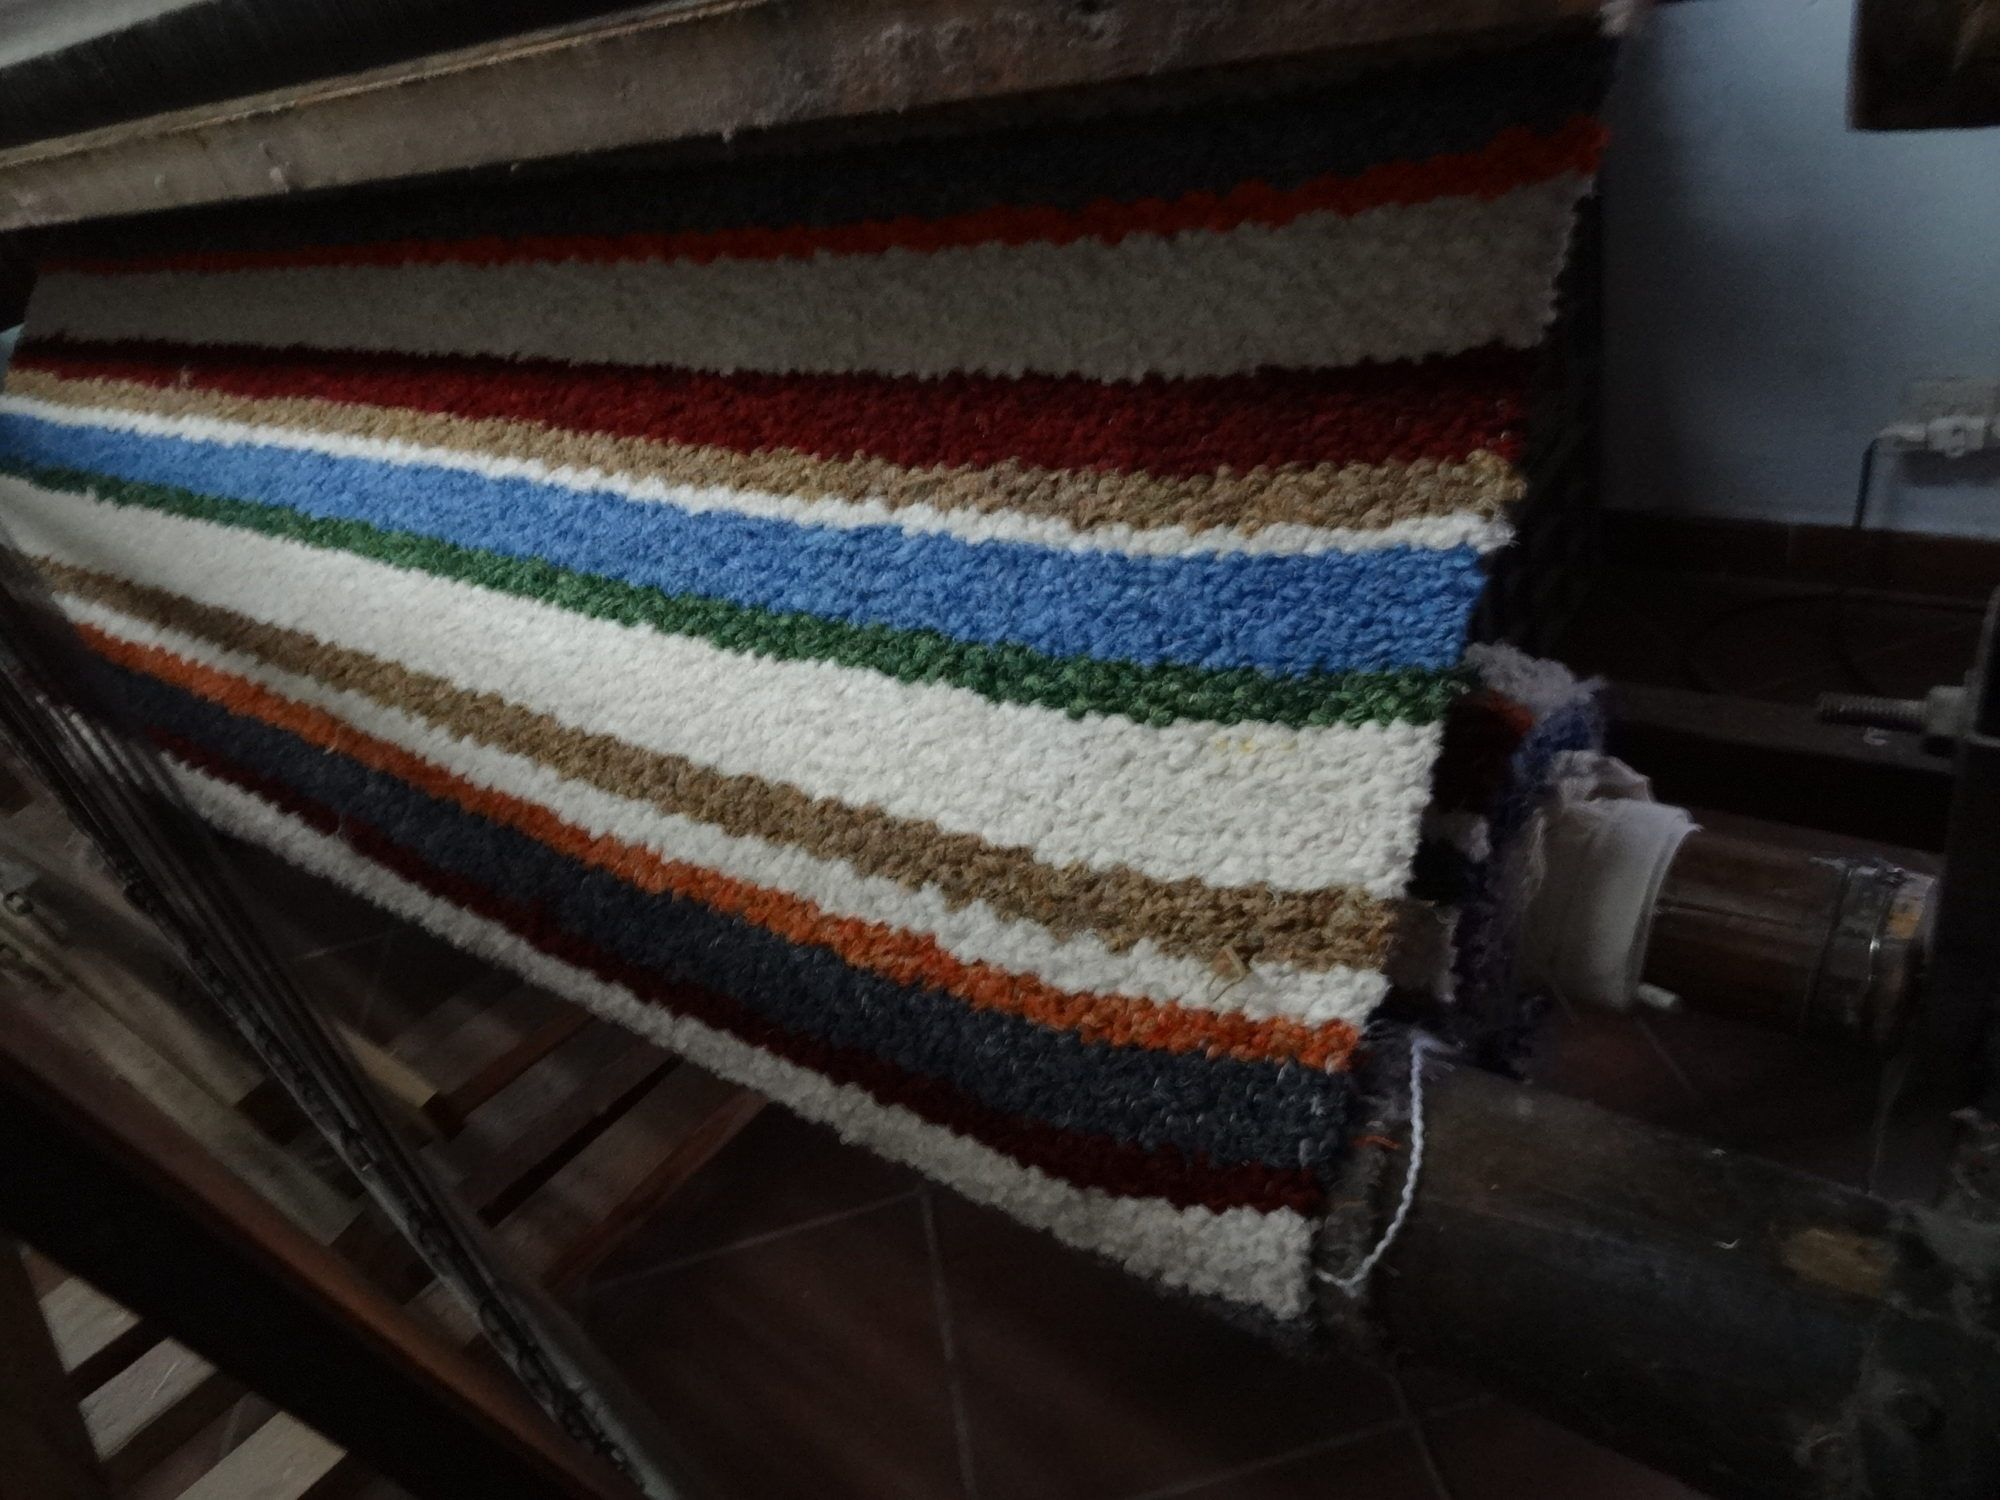 Tejiendo jarapa en La Alpujarra de colorines